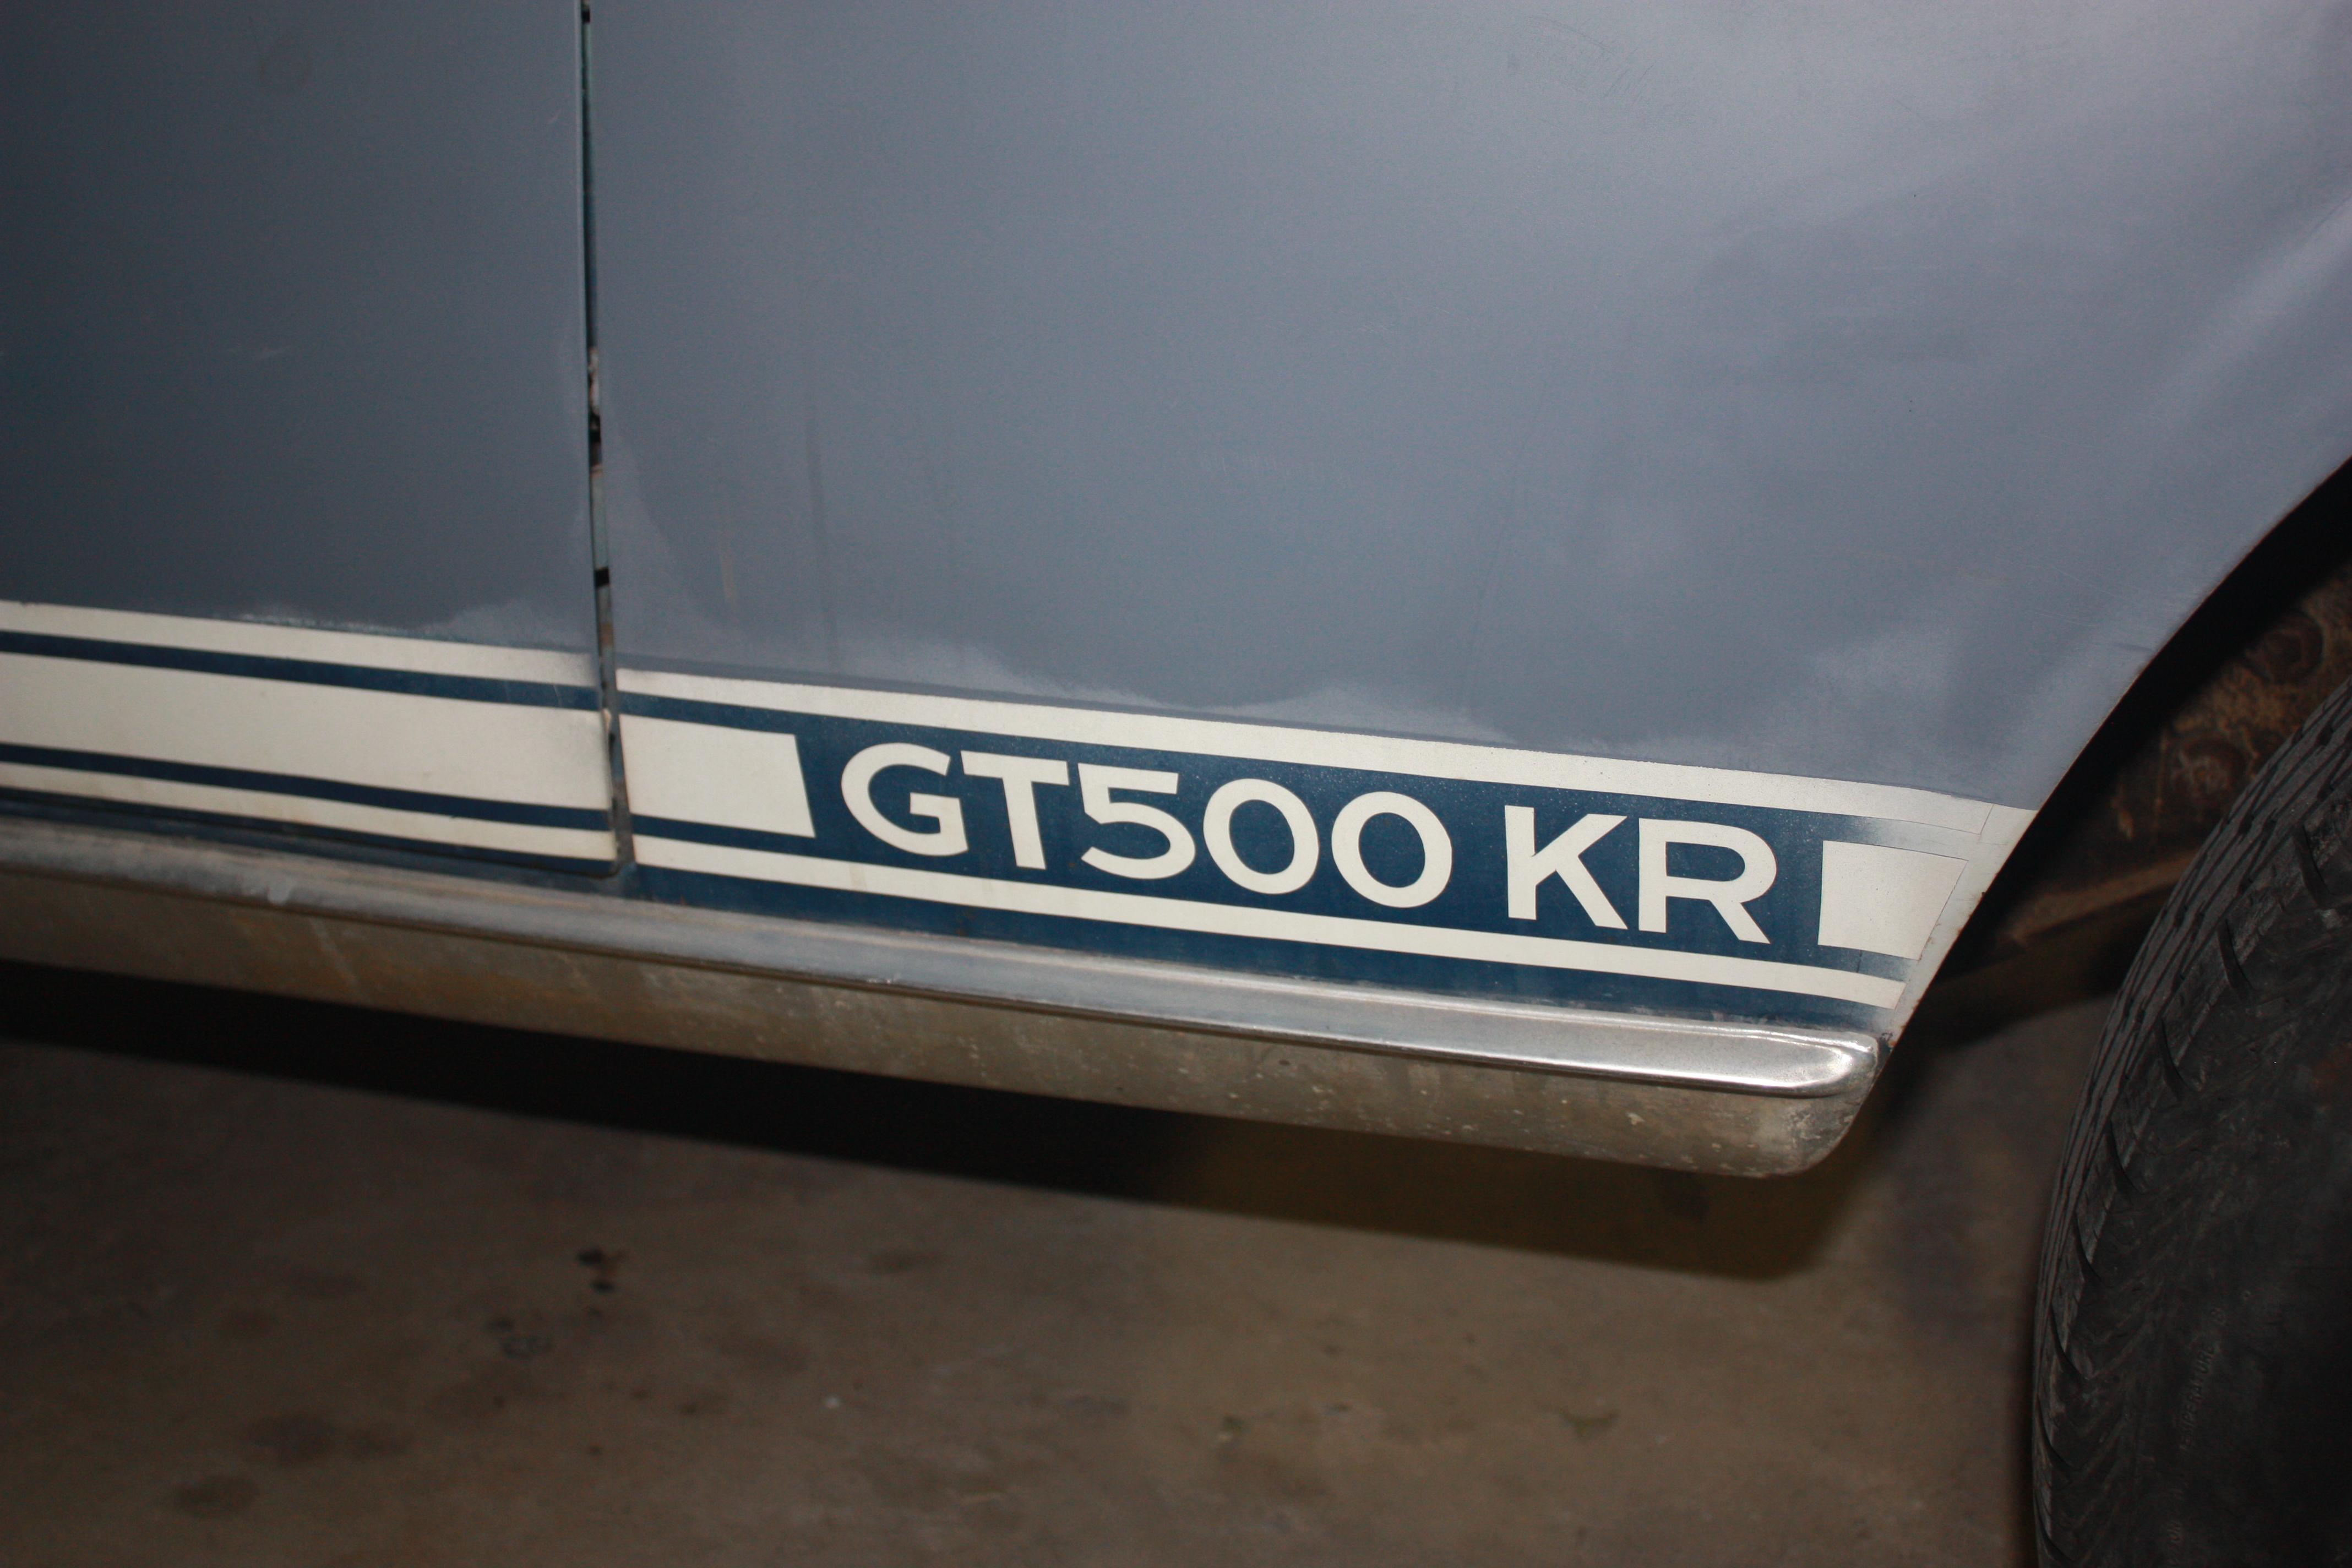 GT 500 KR